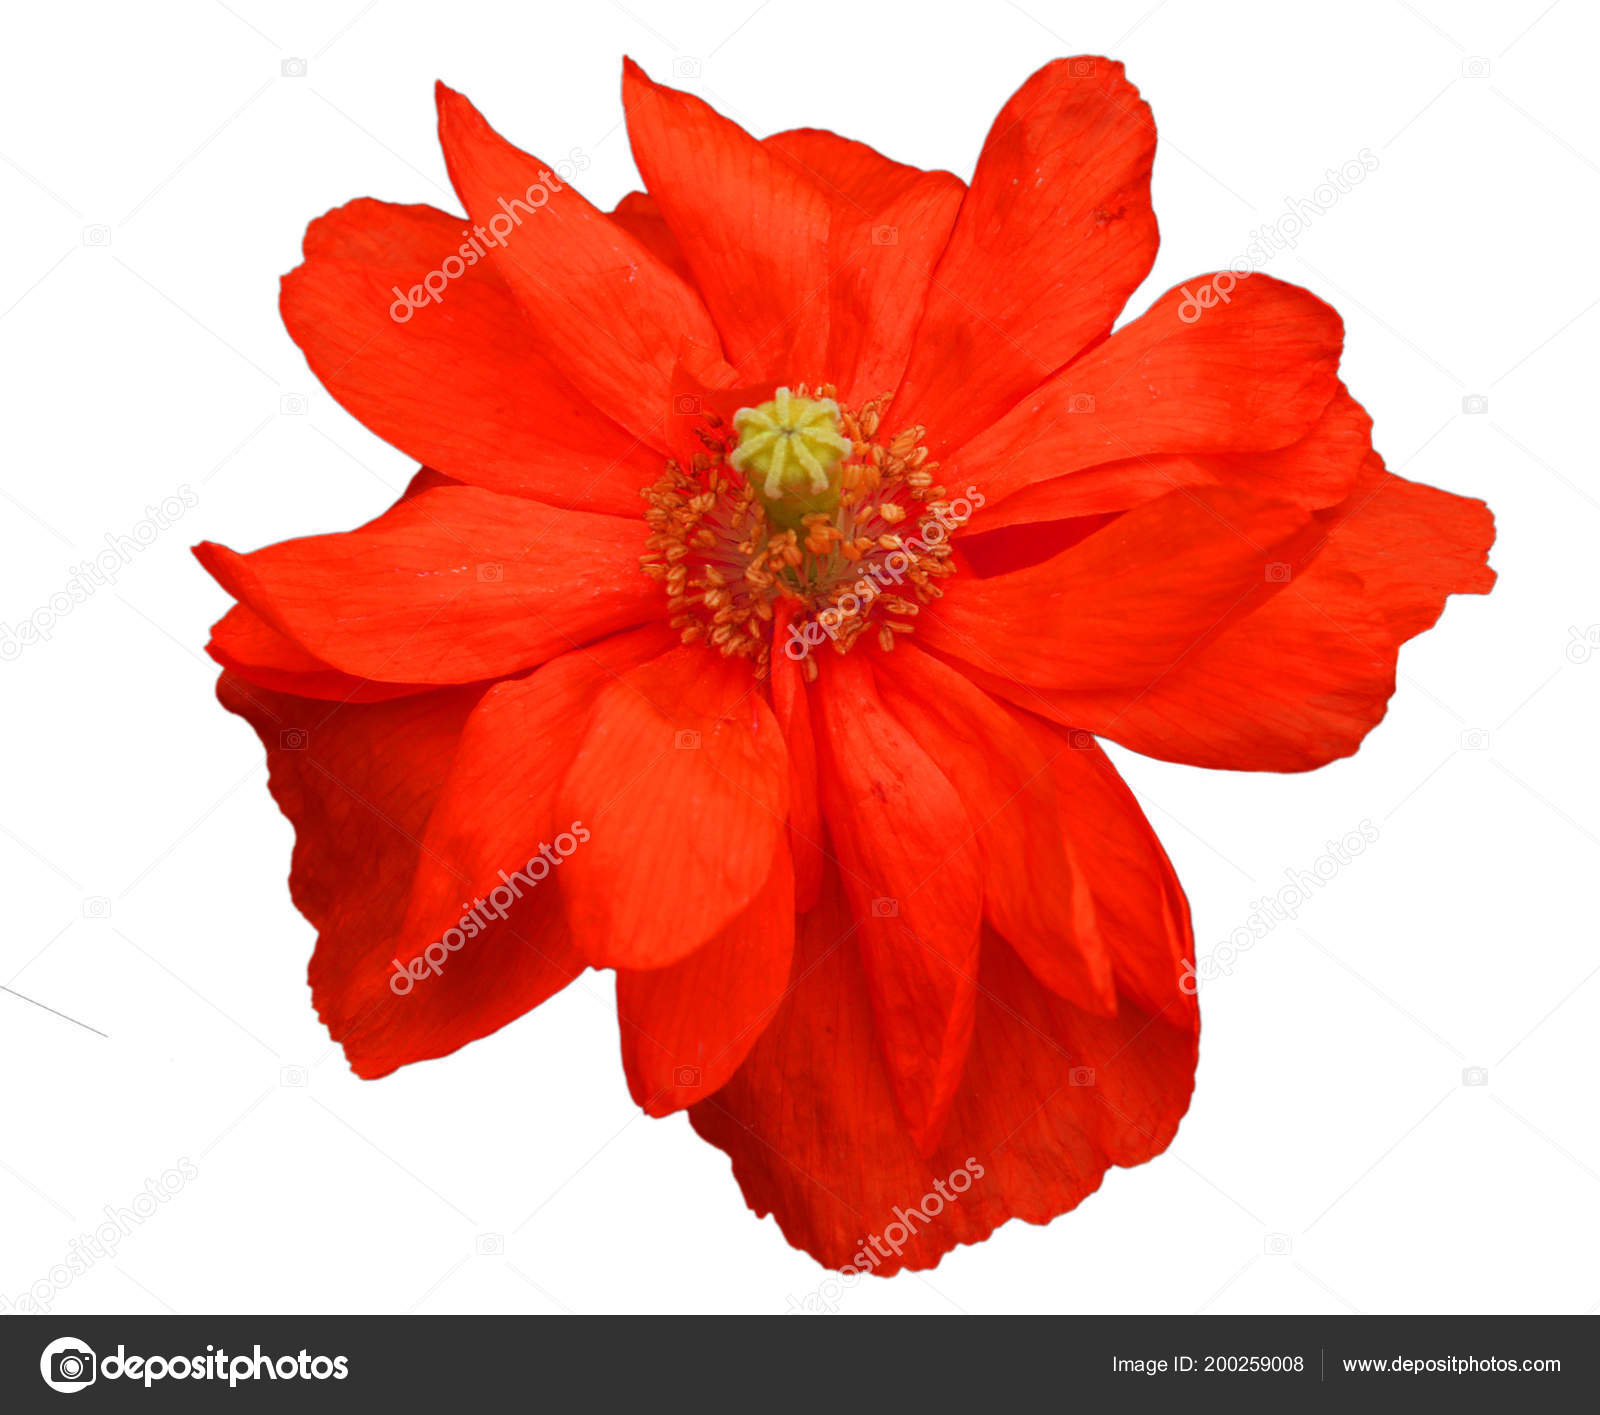 Magnifique Fleur Coquelicot Decorative Rouge Isole Sur Fond Blanc